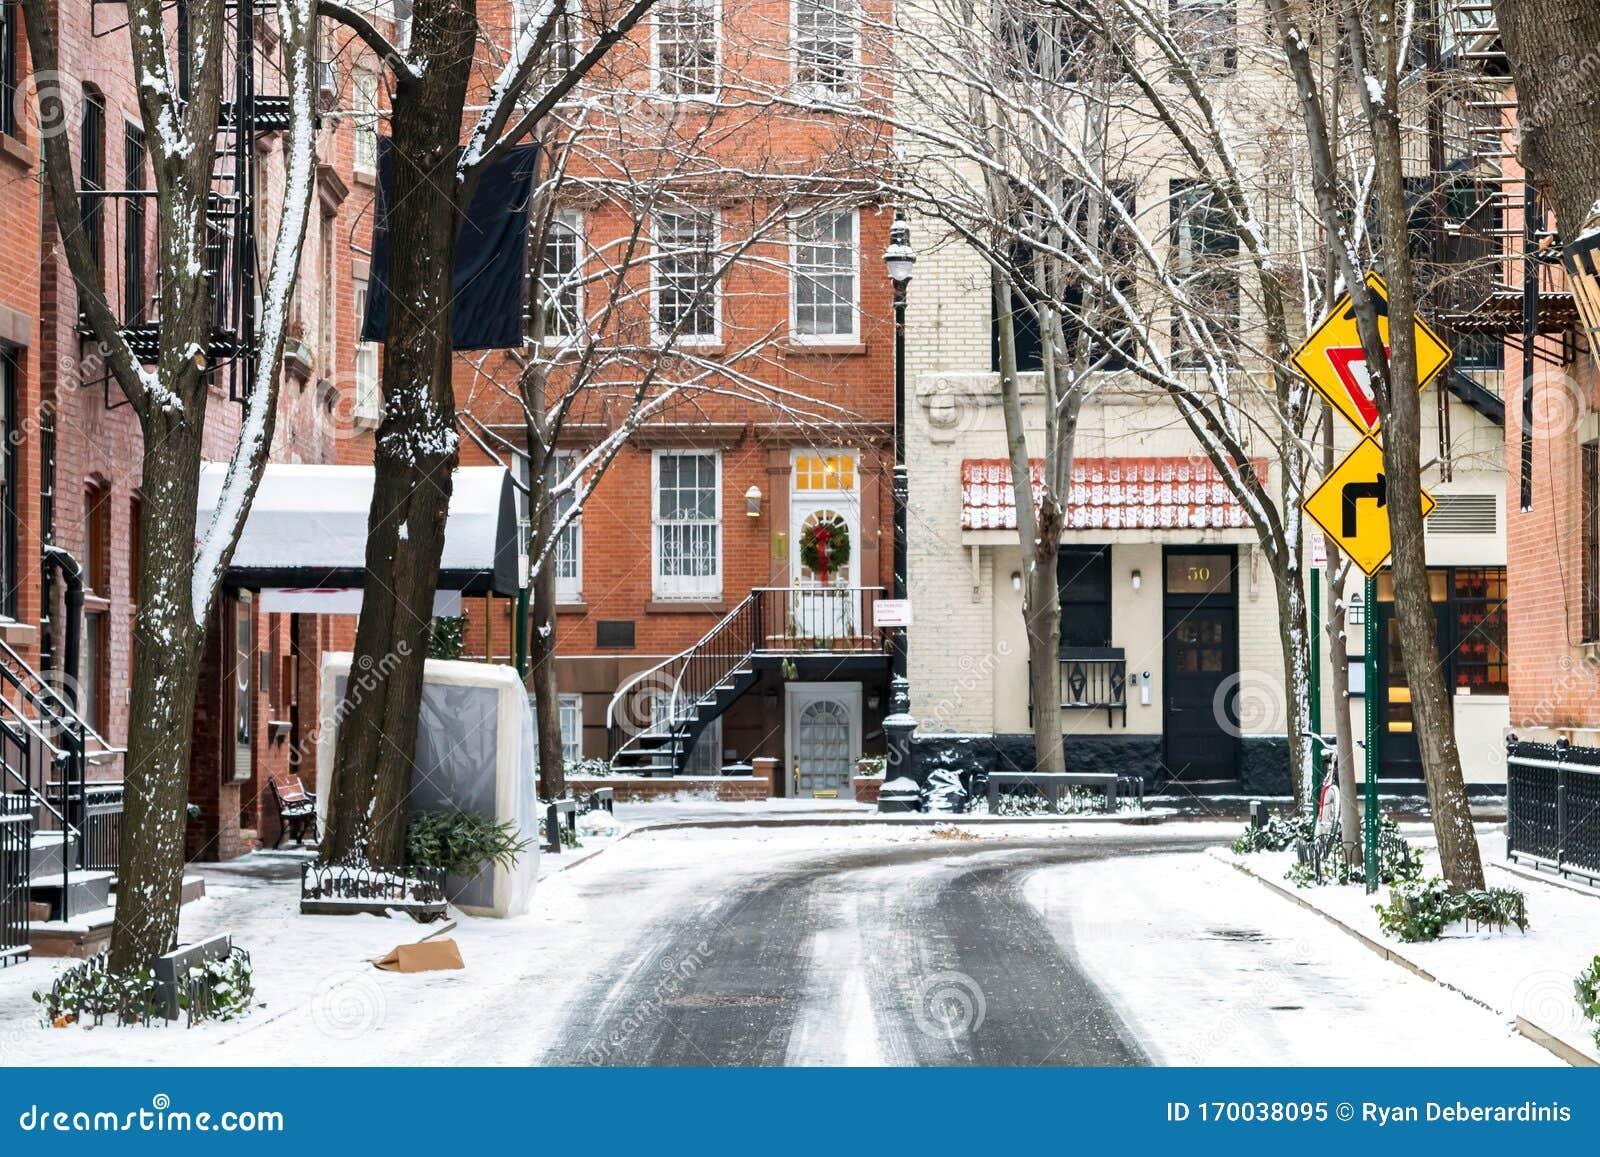 Snowy Winter Scene On Commerce Street In The Greenwich ...